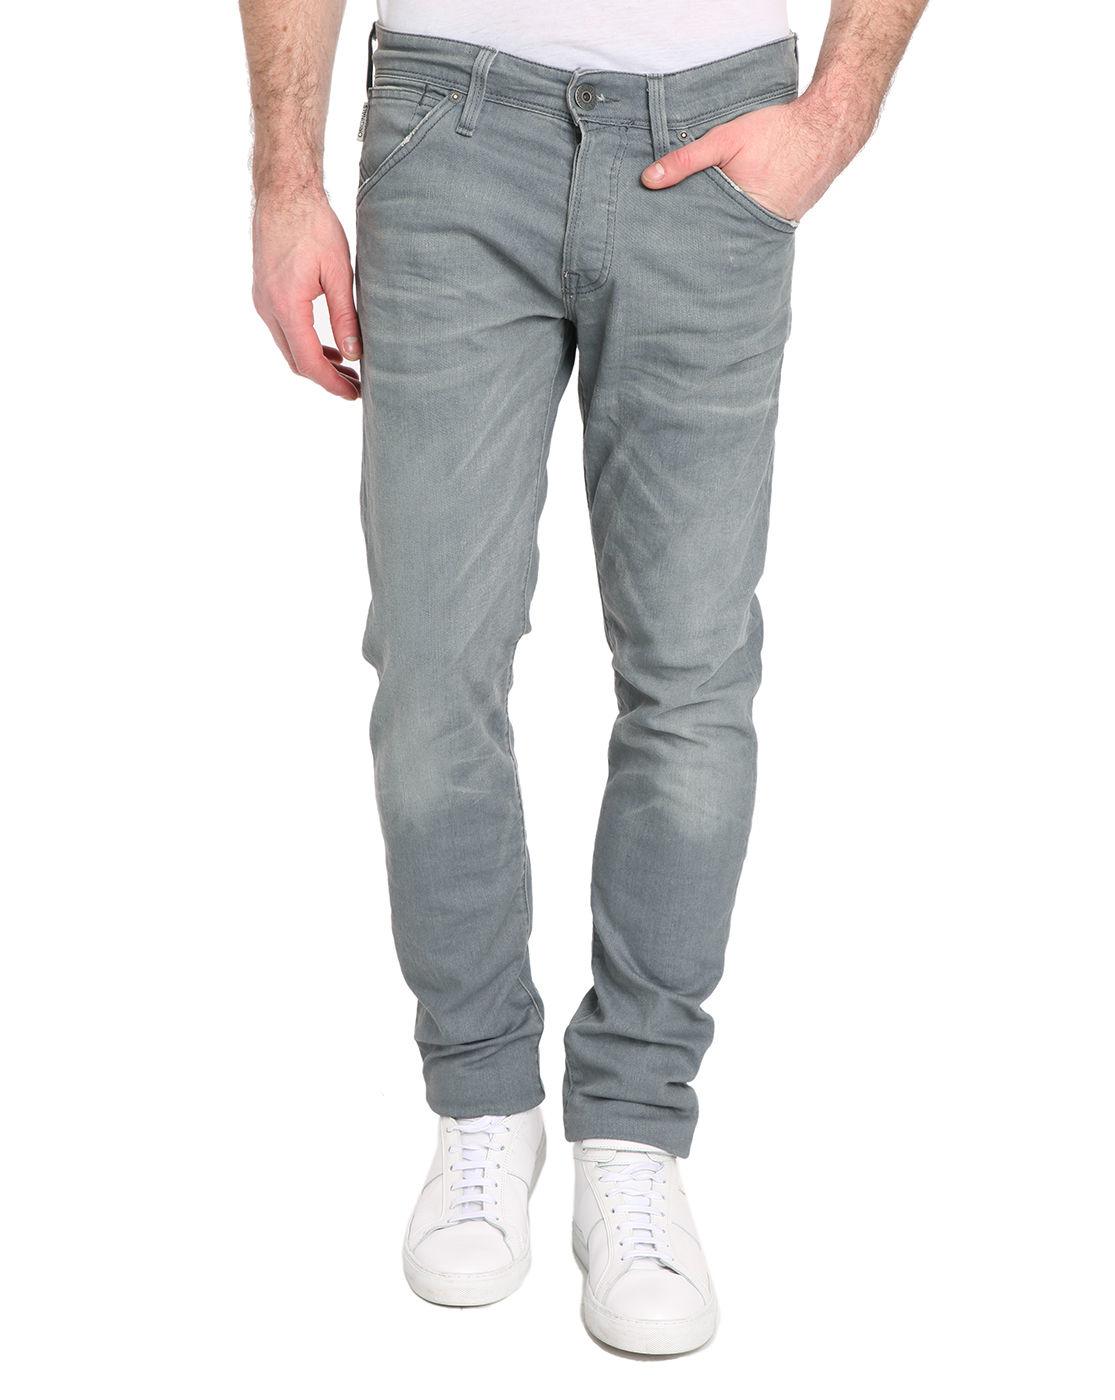 jack jones slim fit grey glenn jeans in gray for men lyst. Black Bedroom Furniture Sets. Home Design Ideas